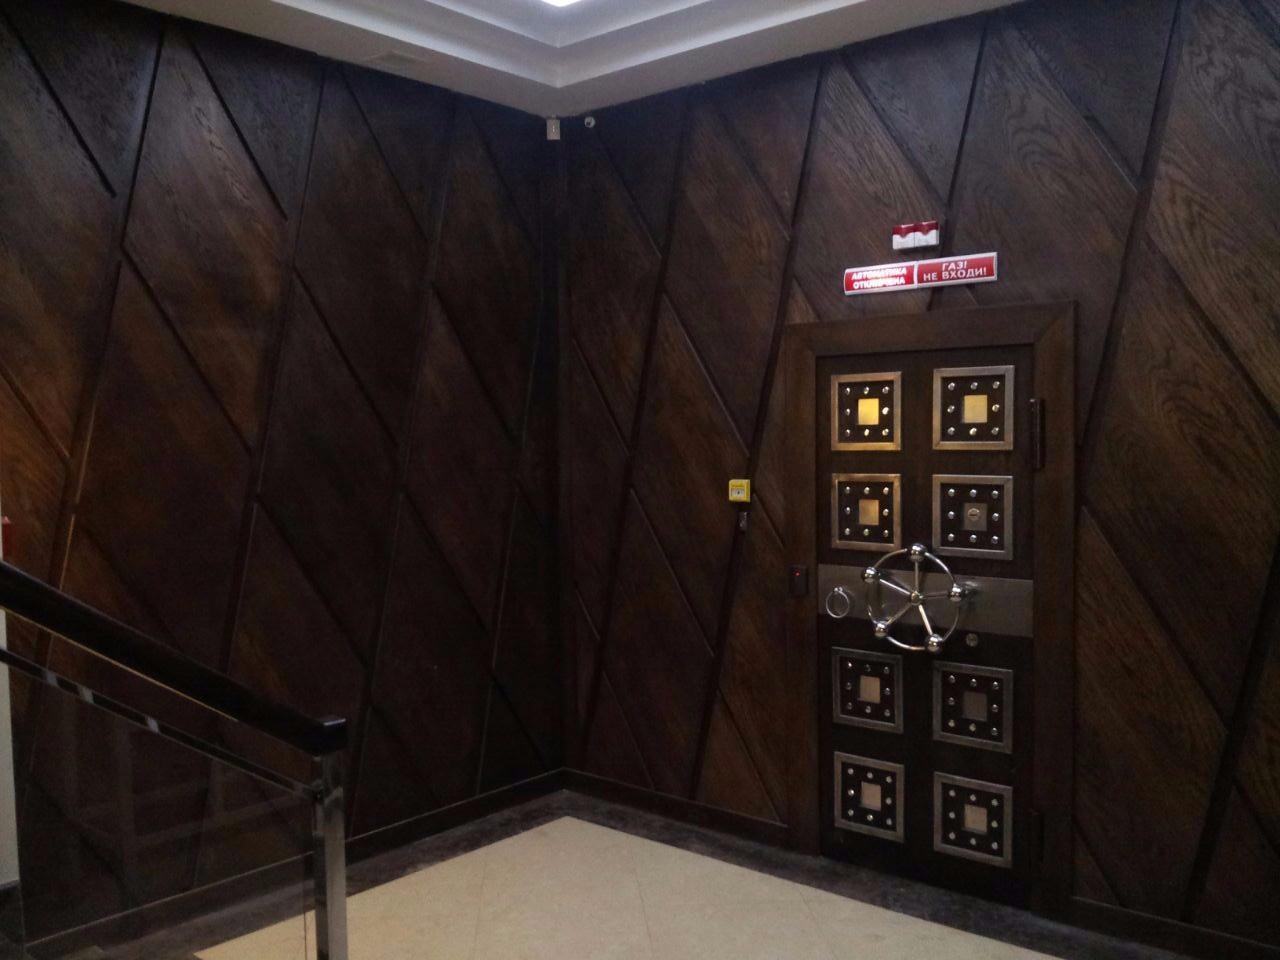 Банковская дверь в депозитарное хранилище